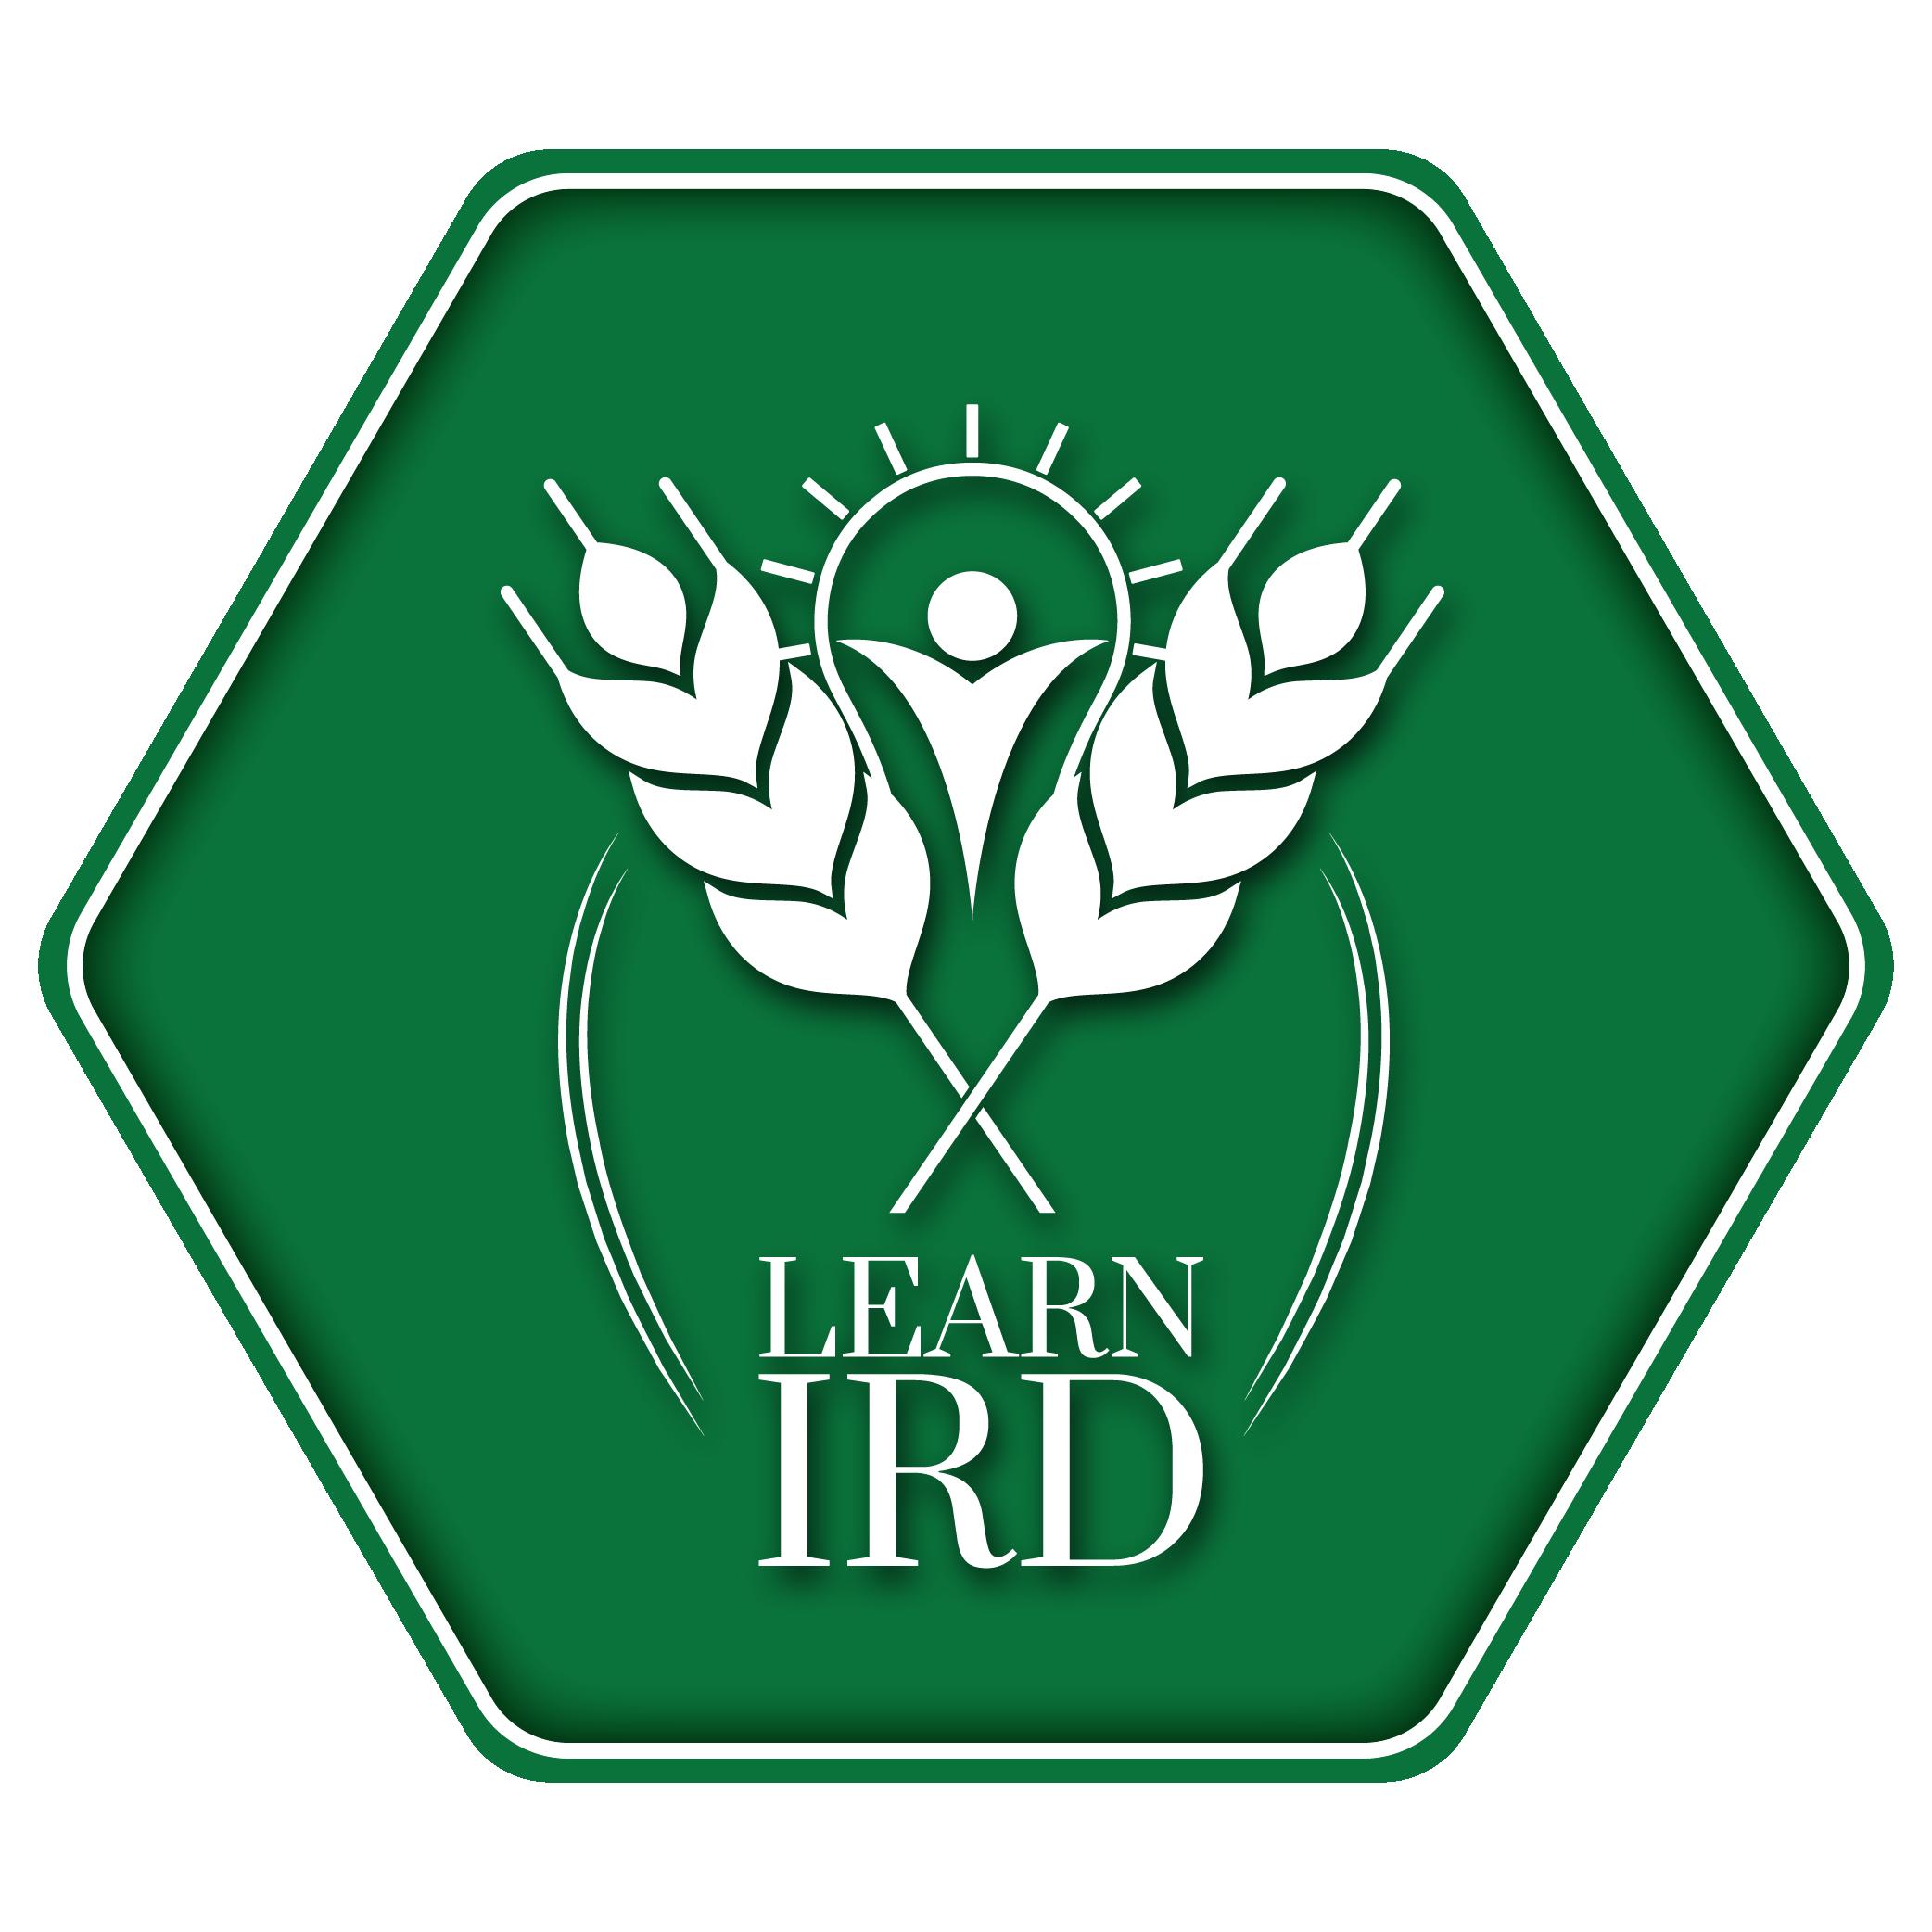 Learn IRD